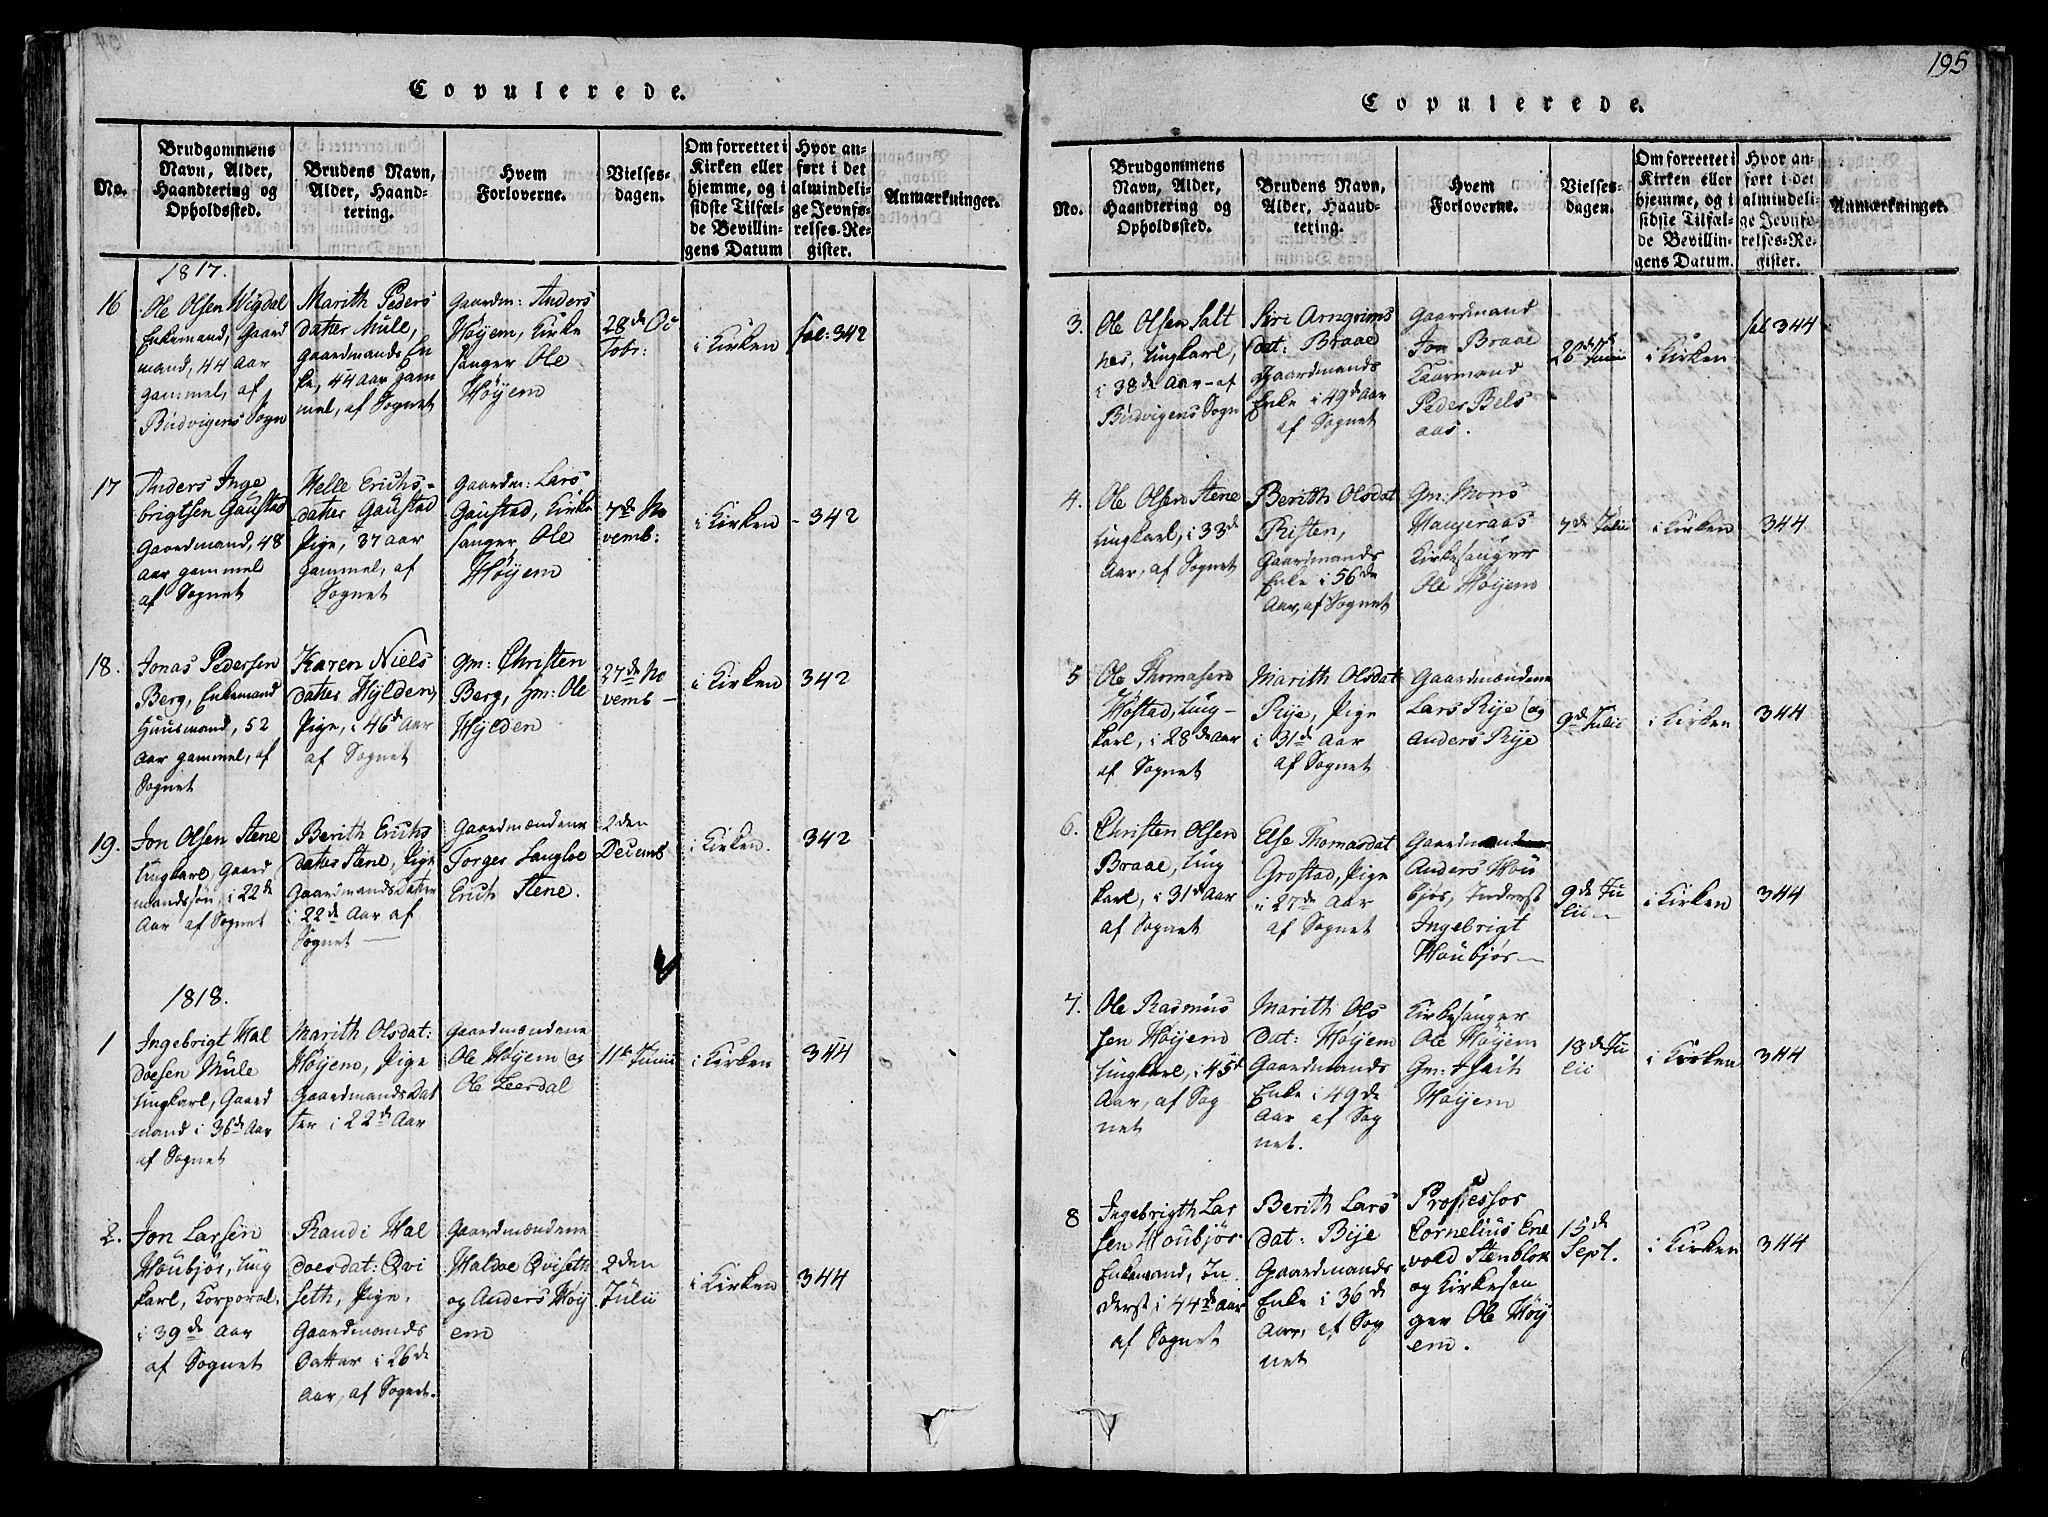 SAT, Ministerialprotokoller, klokkerbøker og fødselsregistre - Sør-Trøndelag, 612/L0372: Ministerialbok nr. 612A06 /1, 1816-1828, s. 195